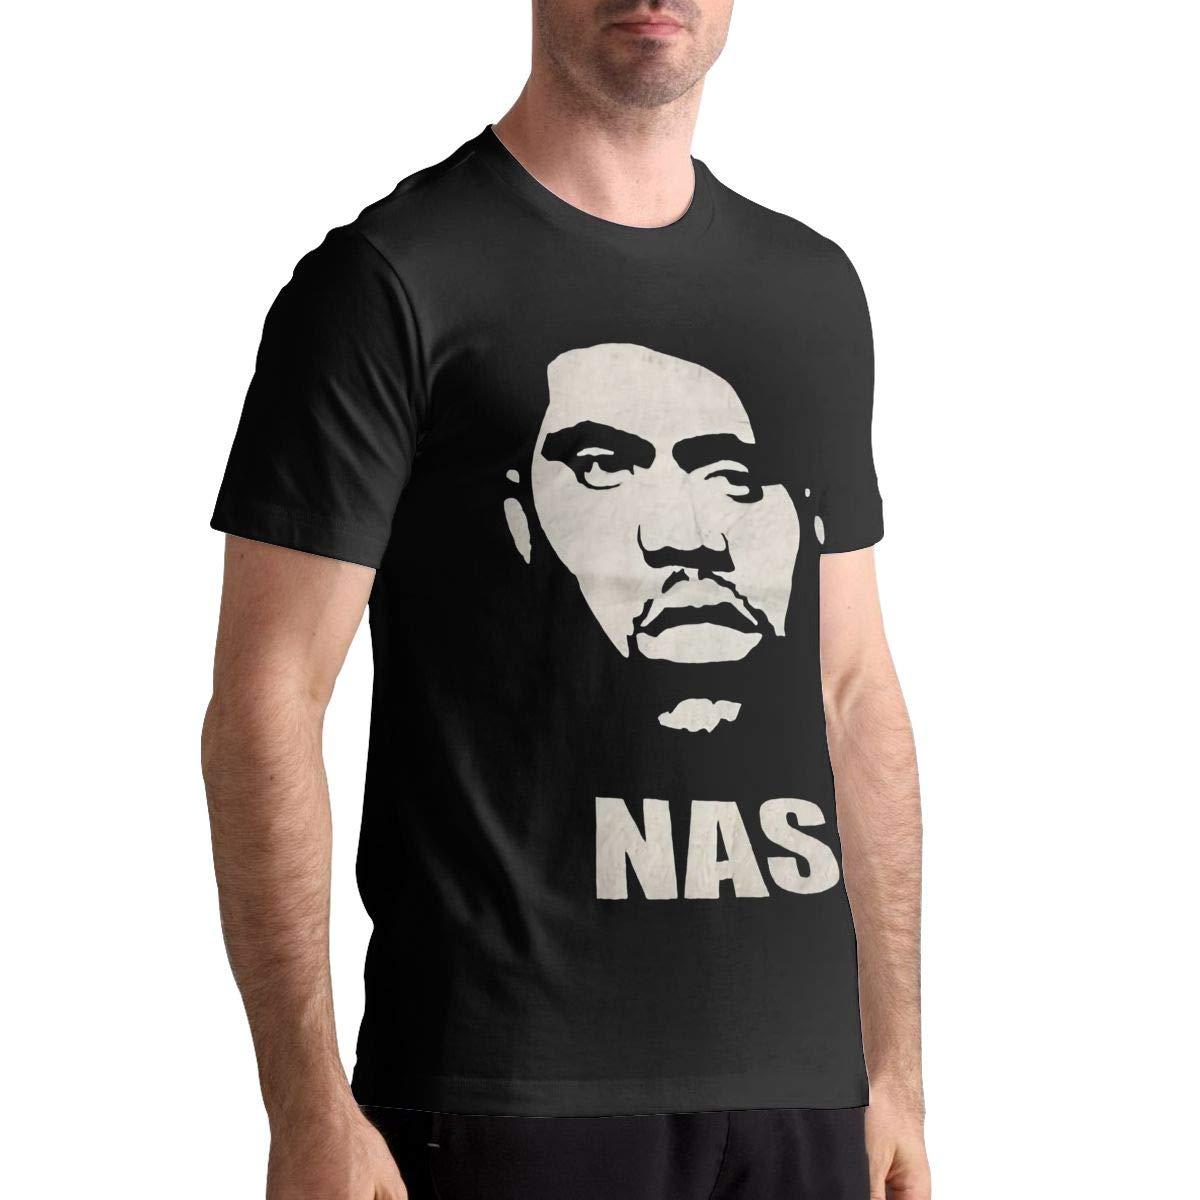 NAS Shirt Mens Classic Short Sleeve Tees Shirts Tops